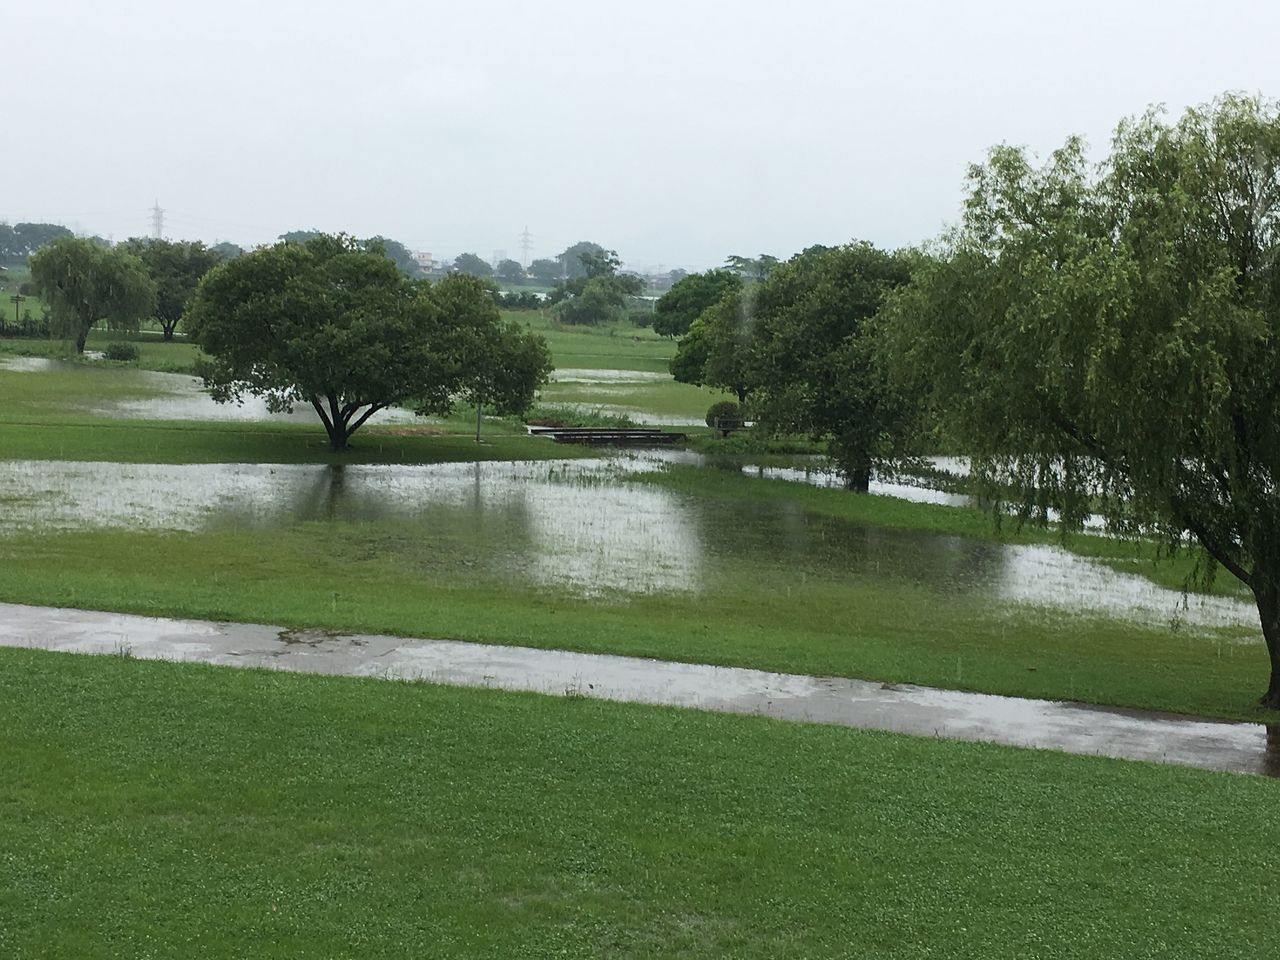 大雨の後、排水の状態がよくかなり水が引いた下江津公園とまだまだ冠水状態の田んぼ